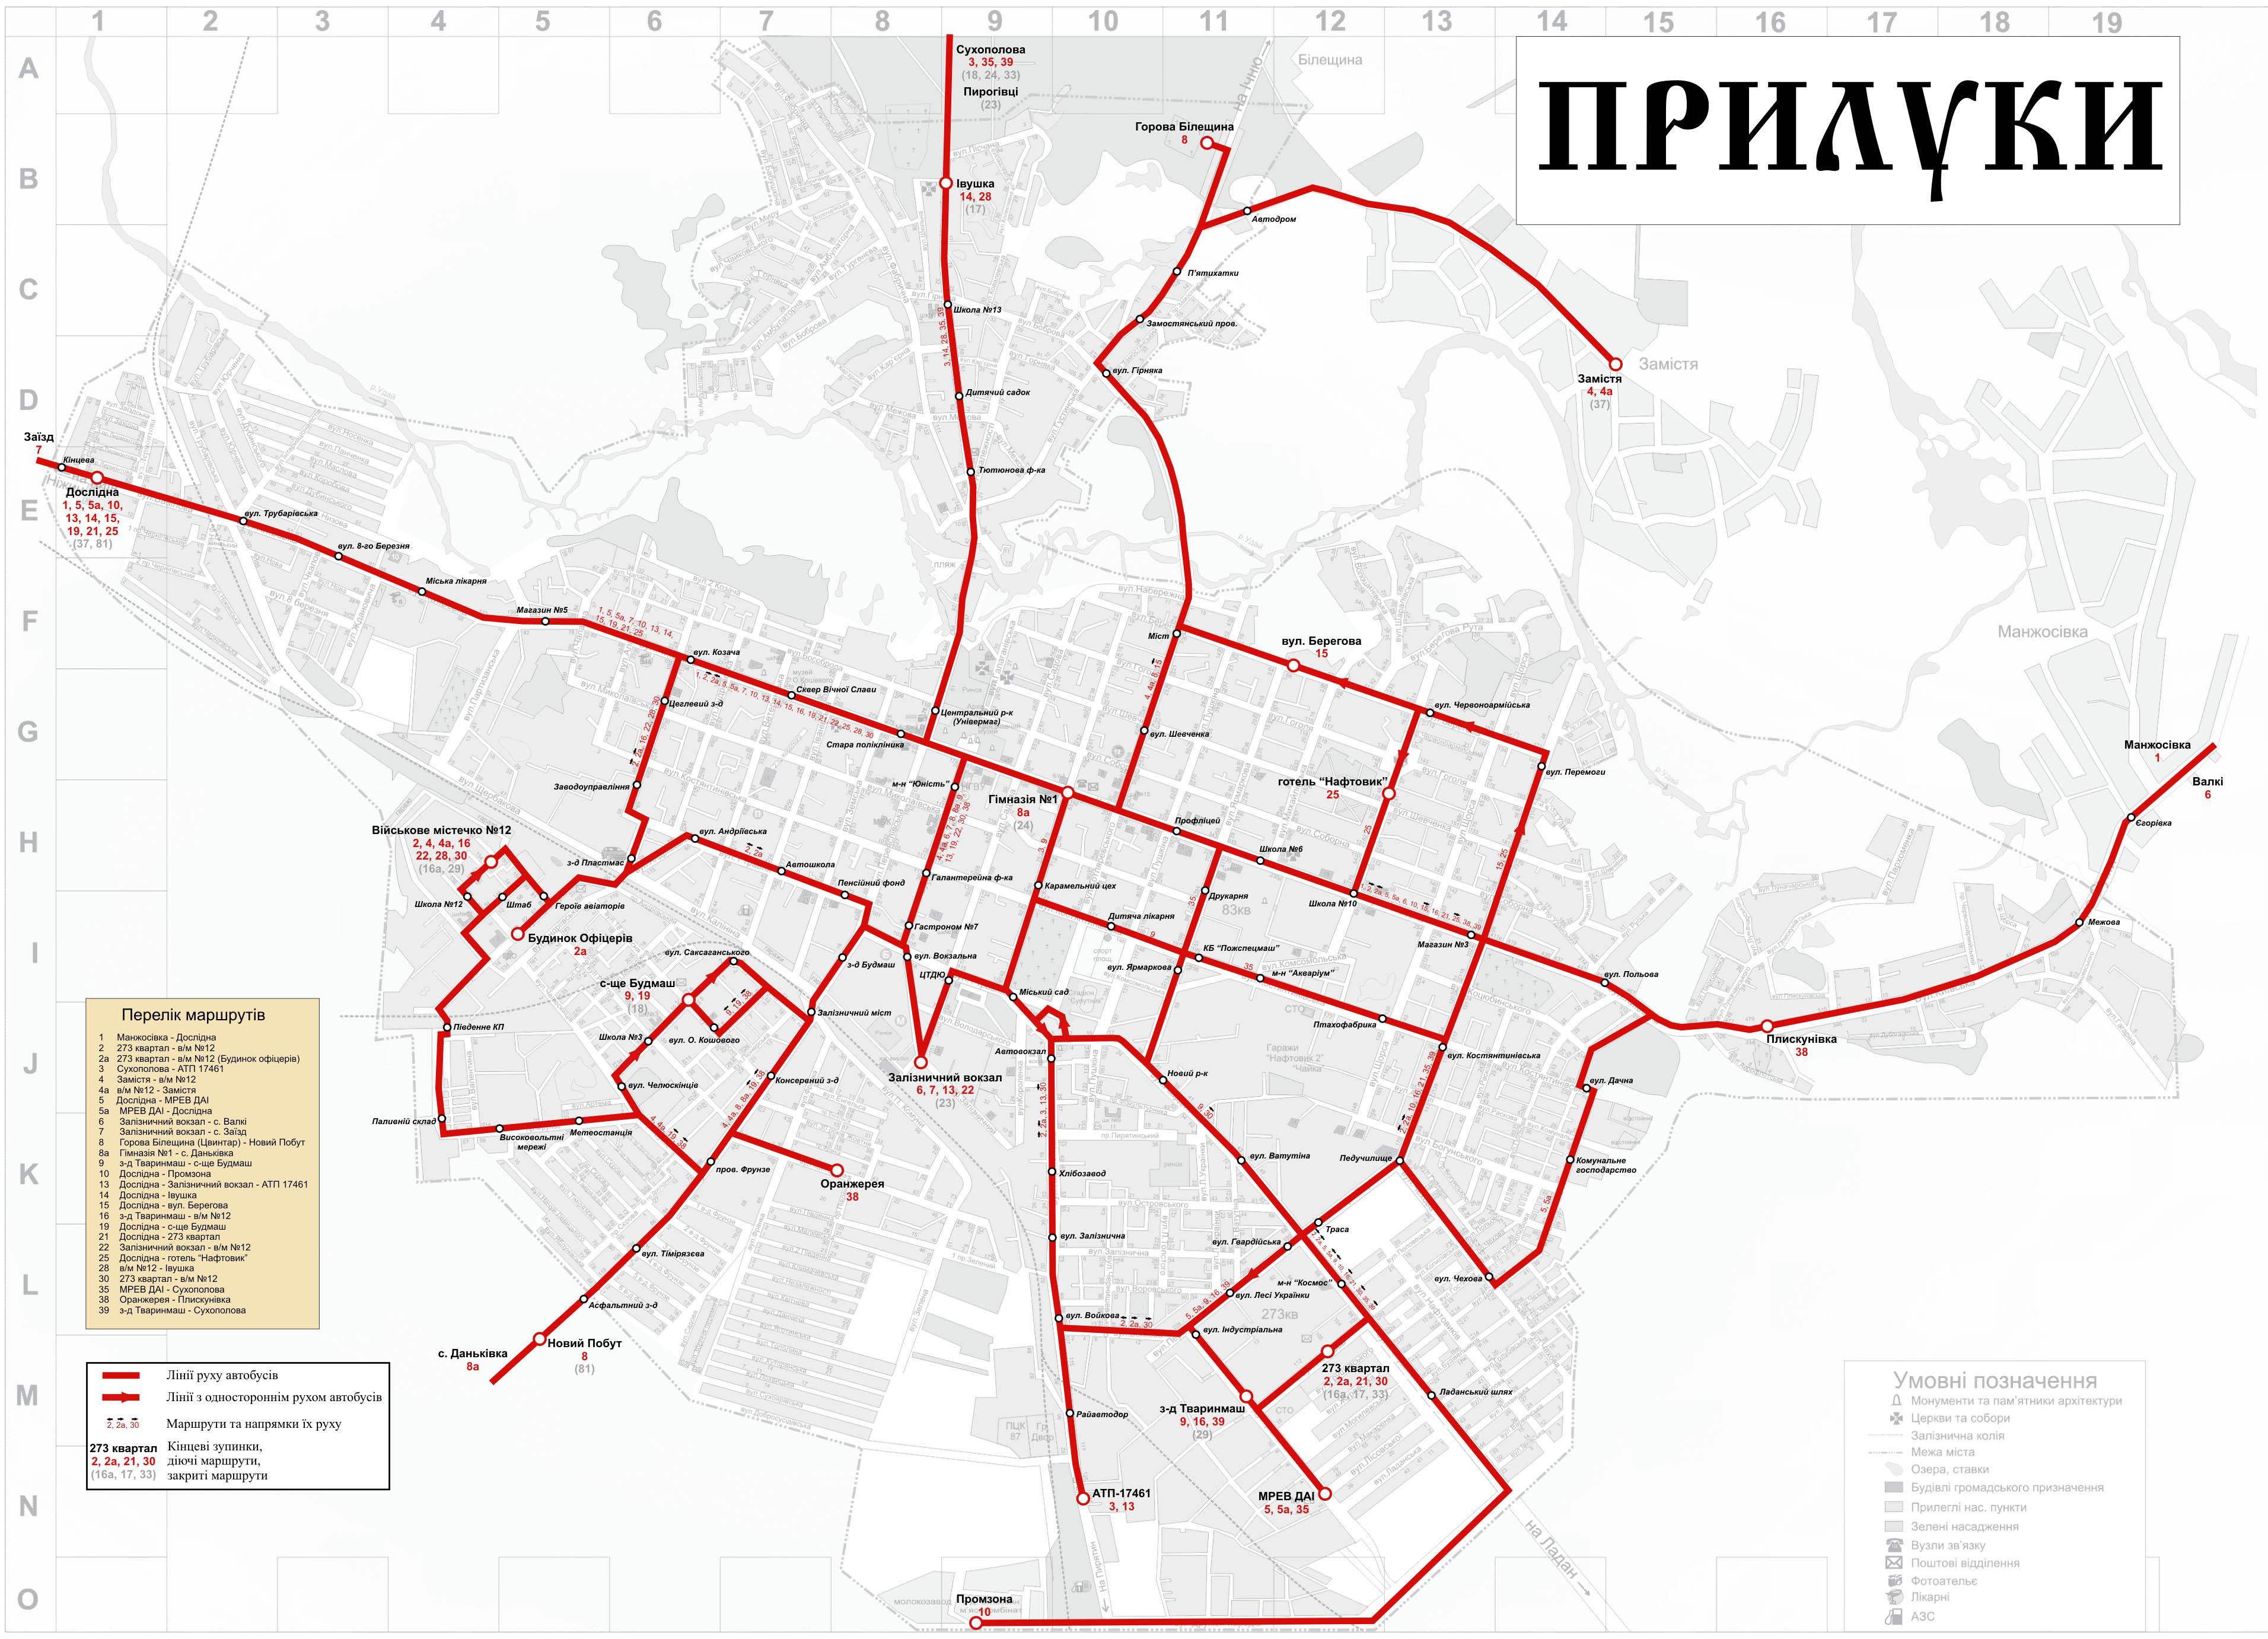 Карта маршрутов транспорта по Прилукам